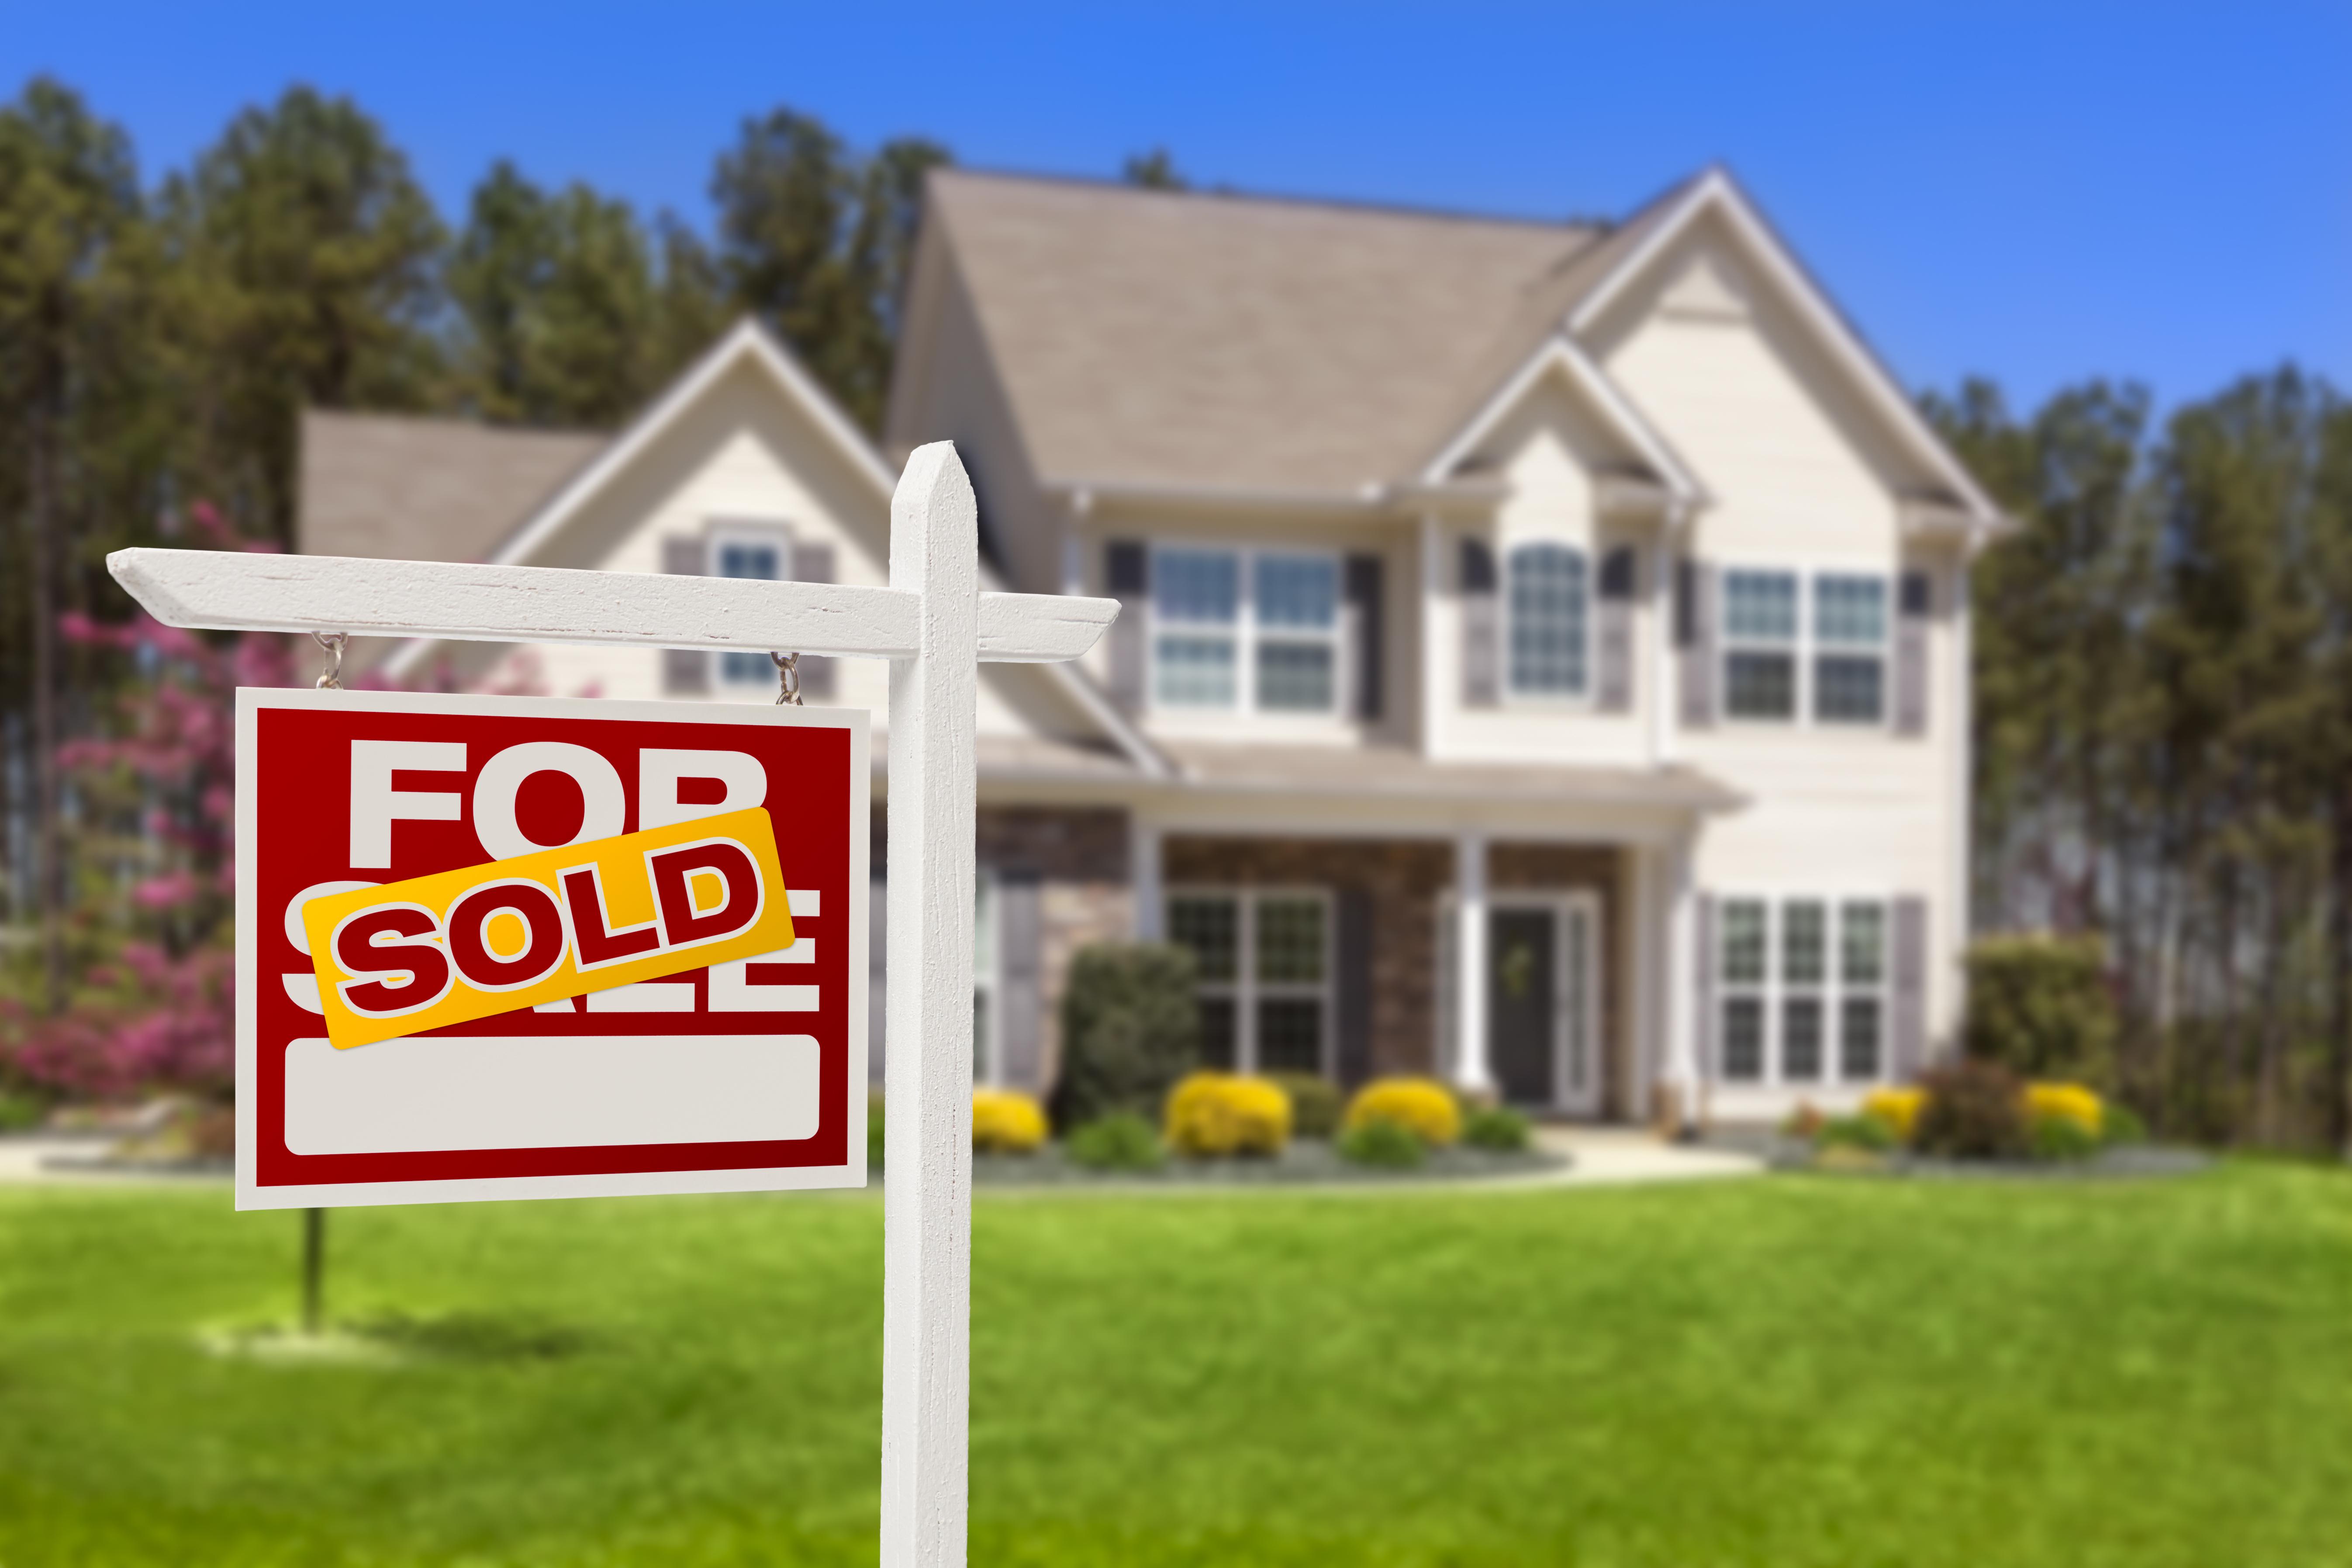 Homes For Sale in South Ogden, Utah